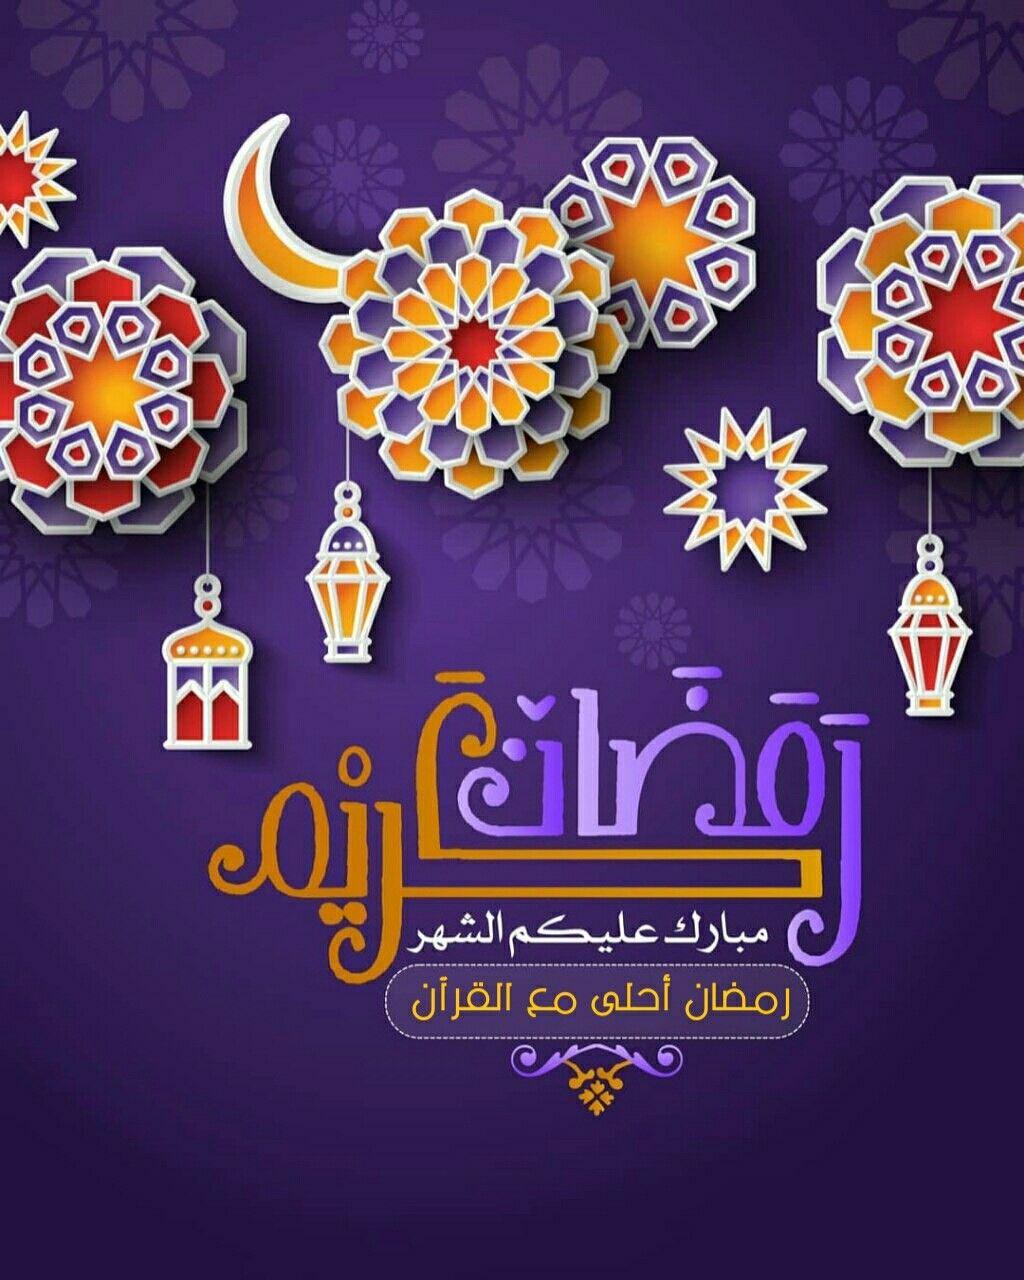 Pin By رحمة عبد الهادي On أجيب دعوة الداعي Ramadan Crafts Ramadan Greetings Ramadan Decorations